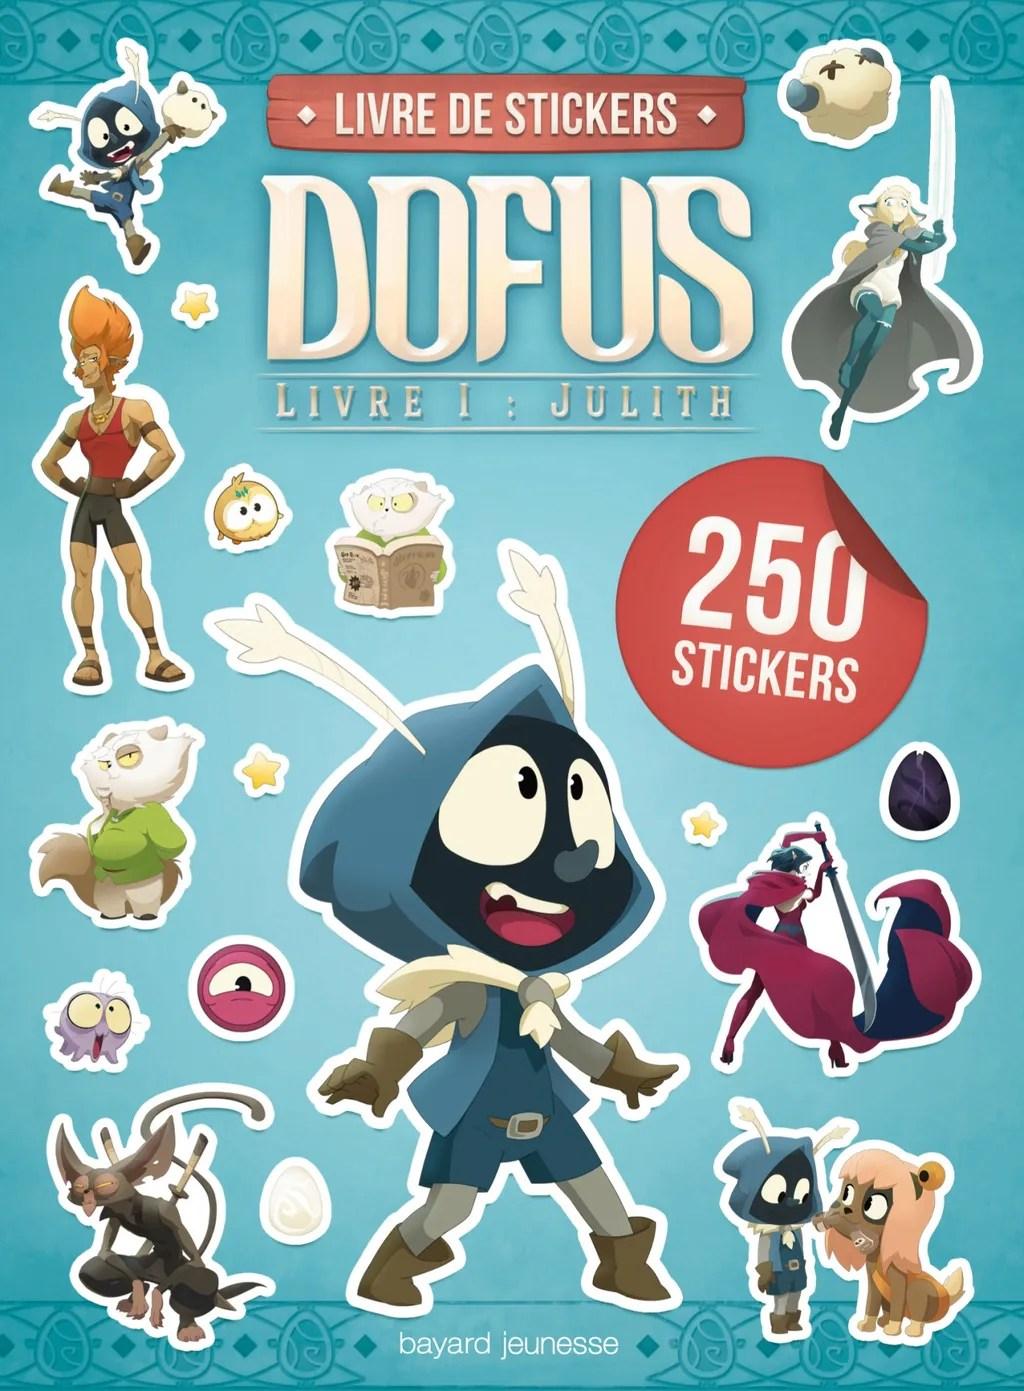 Dofus - Livre 1 : Julith : dofus, livre, julith, Carnet, Stickers, Dofus, Livre, Julith